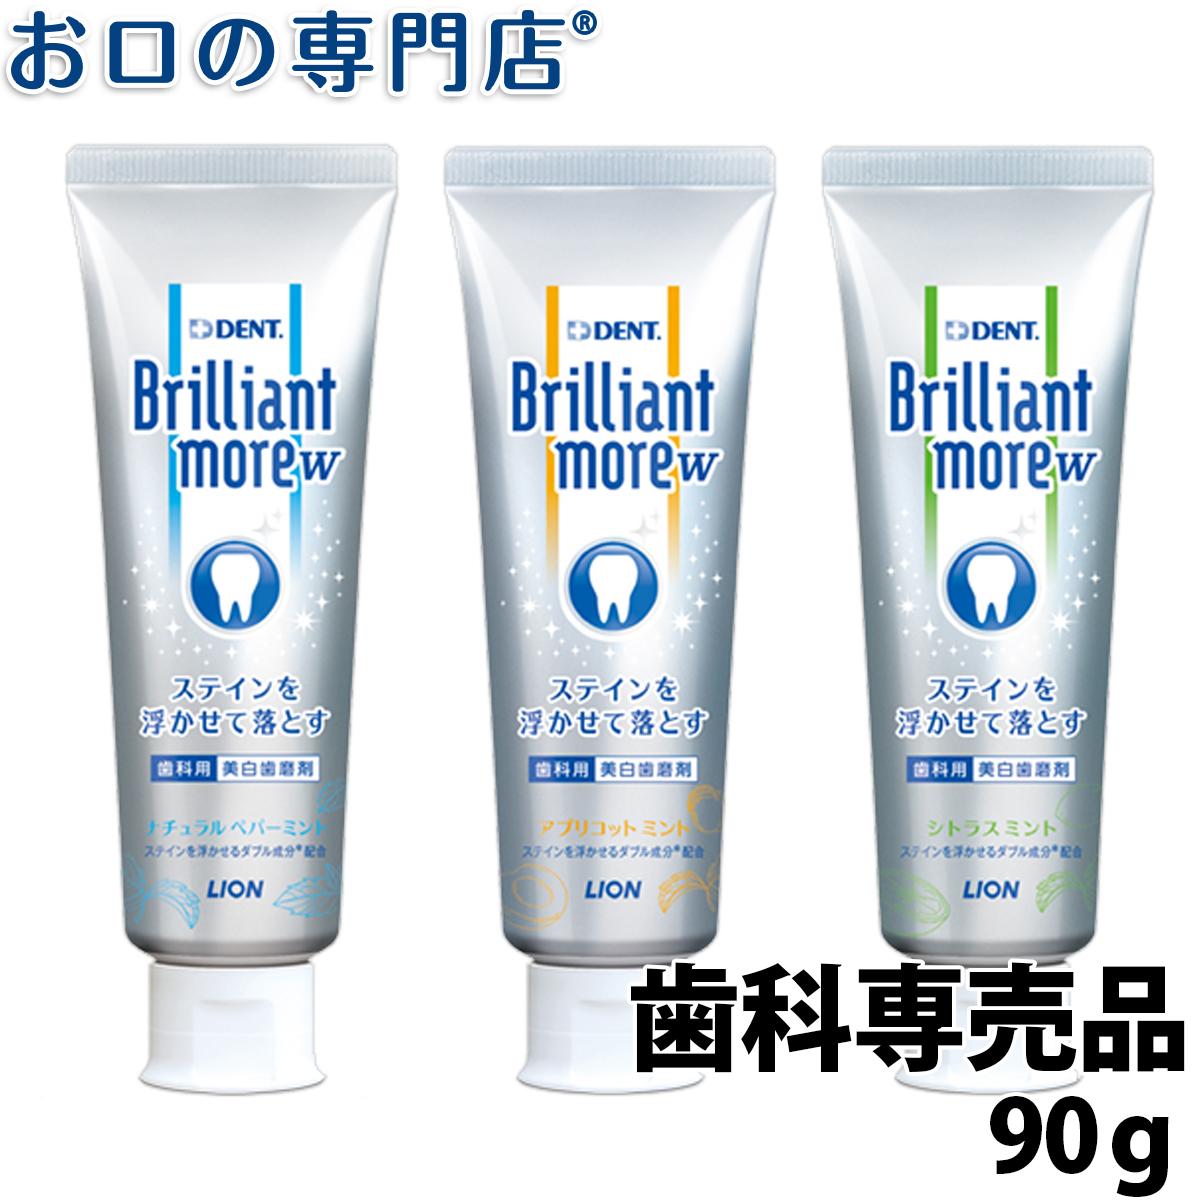 自宅で歯のホワイトニングケア!着色汚れやステイン除去に、おすすめの歯磨き粉はどれ?